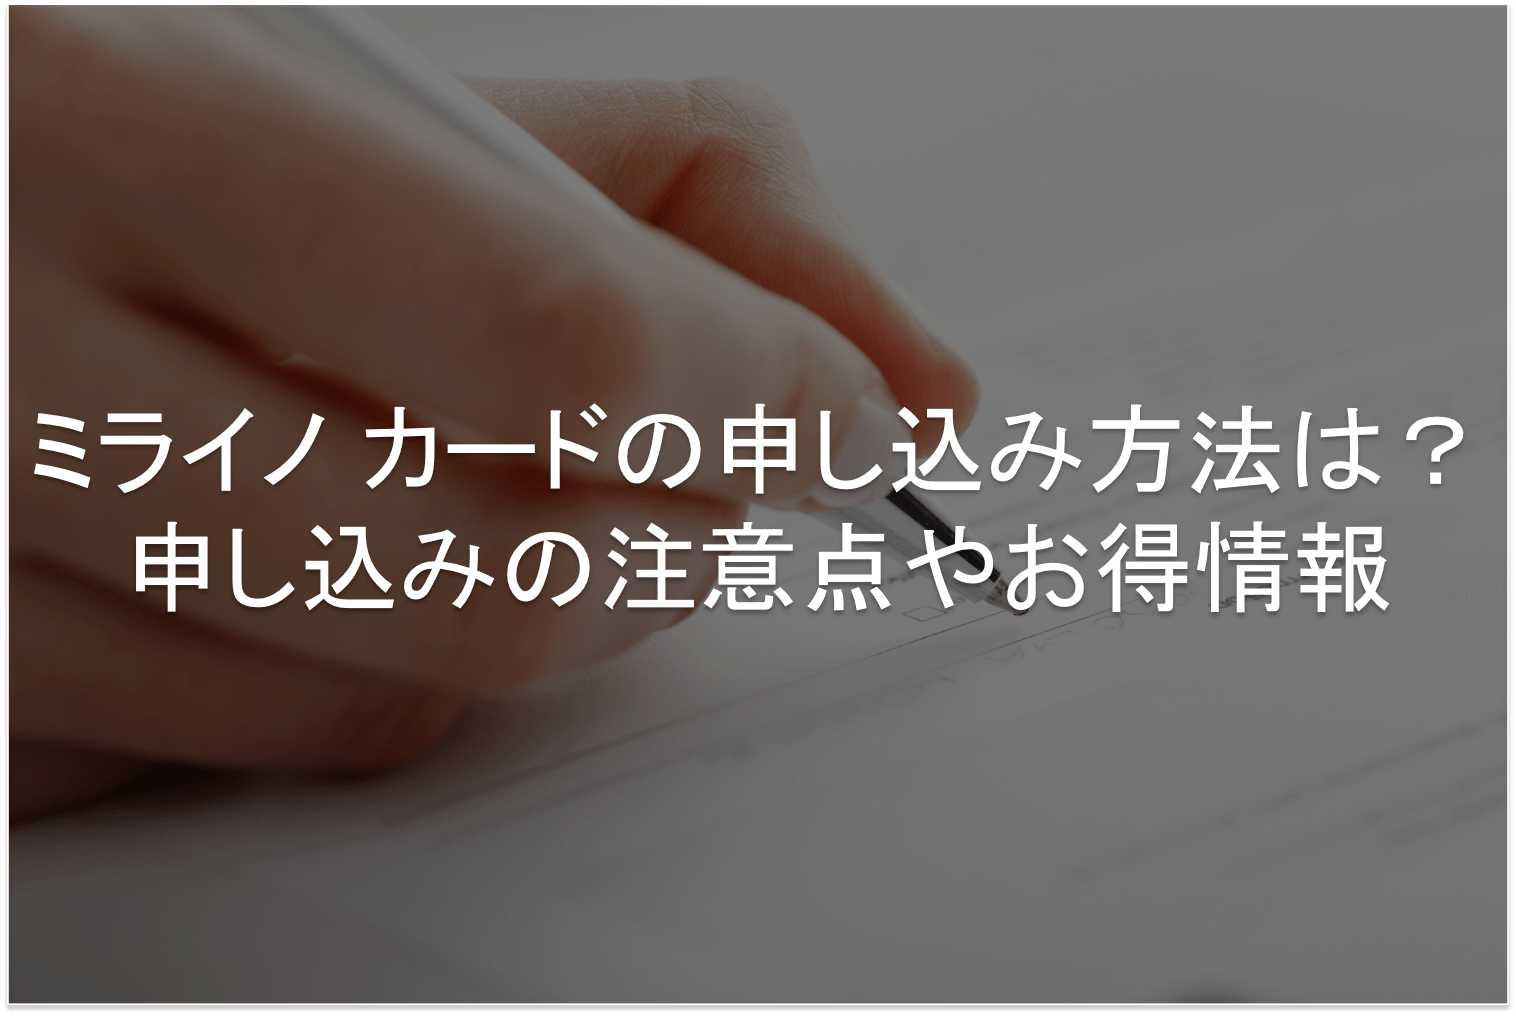 ミライノ カード 申し込み